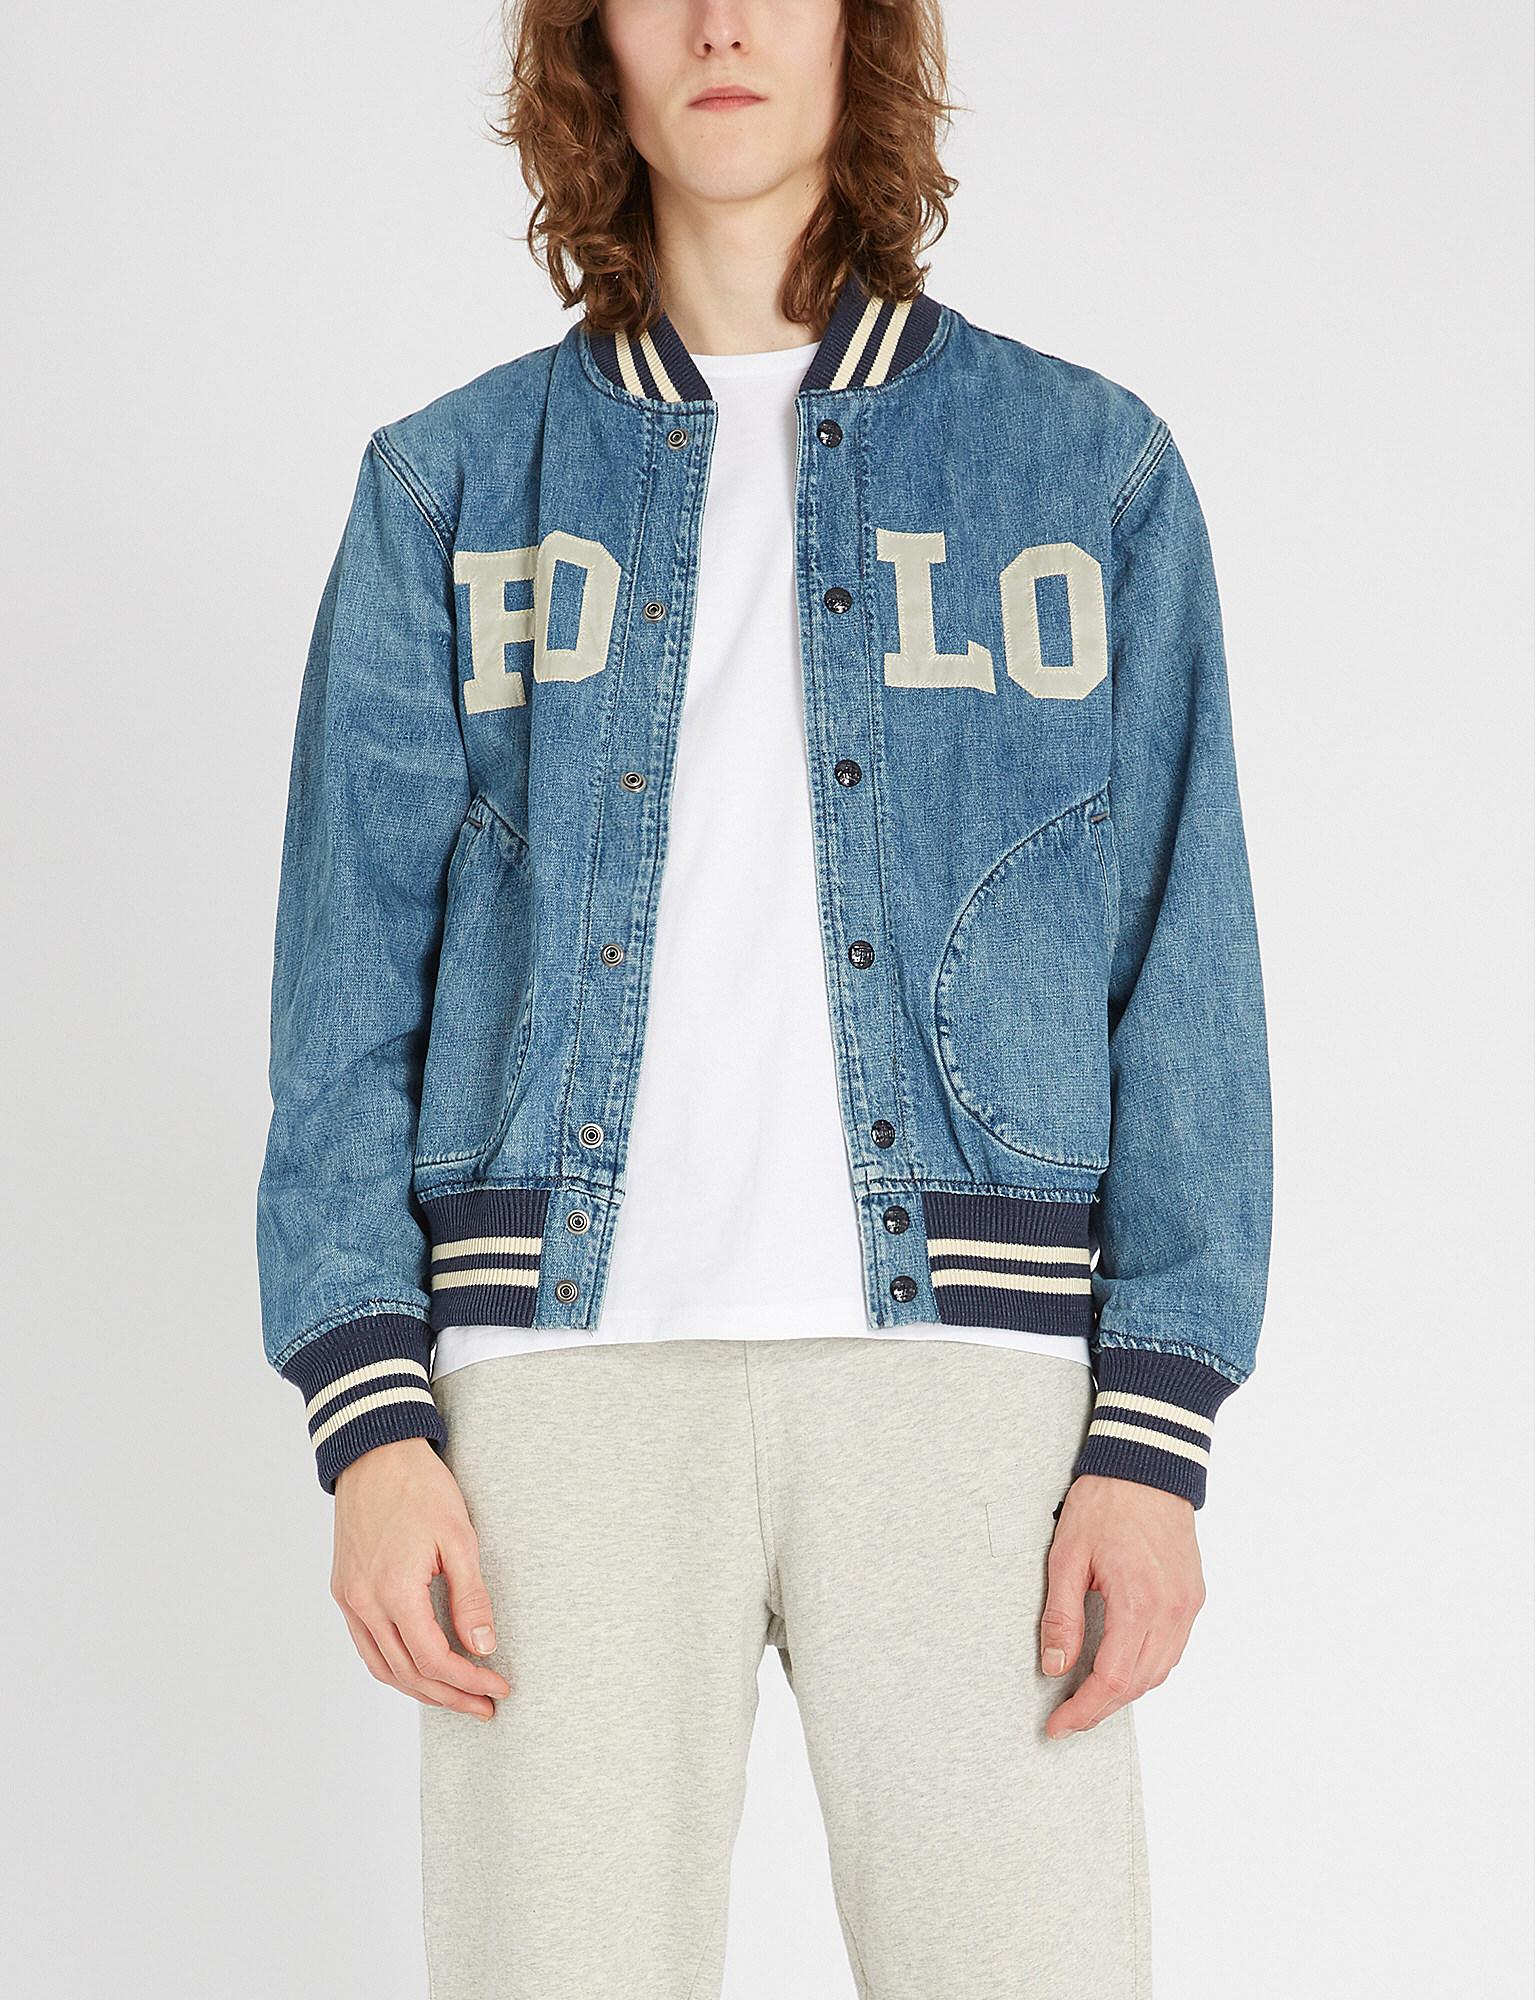 0558c38e52 Lyst - Polo Ralph Lauren Varsity-inspired Denim Jacket in Blue for ...